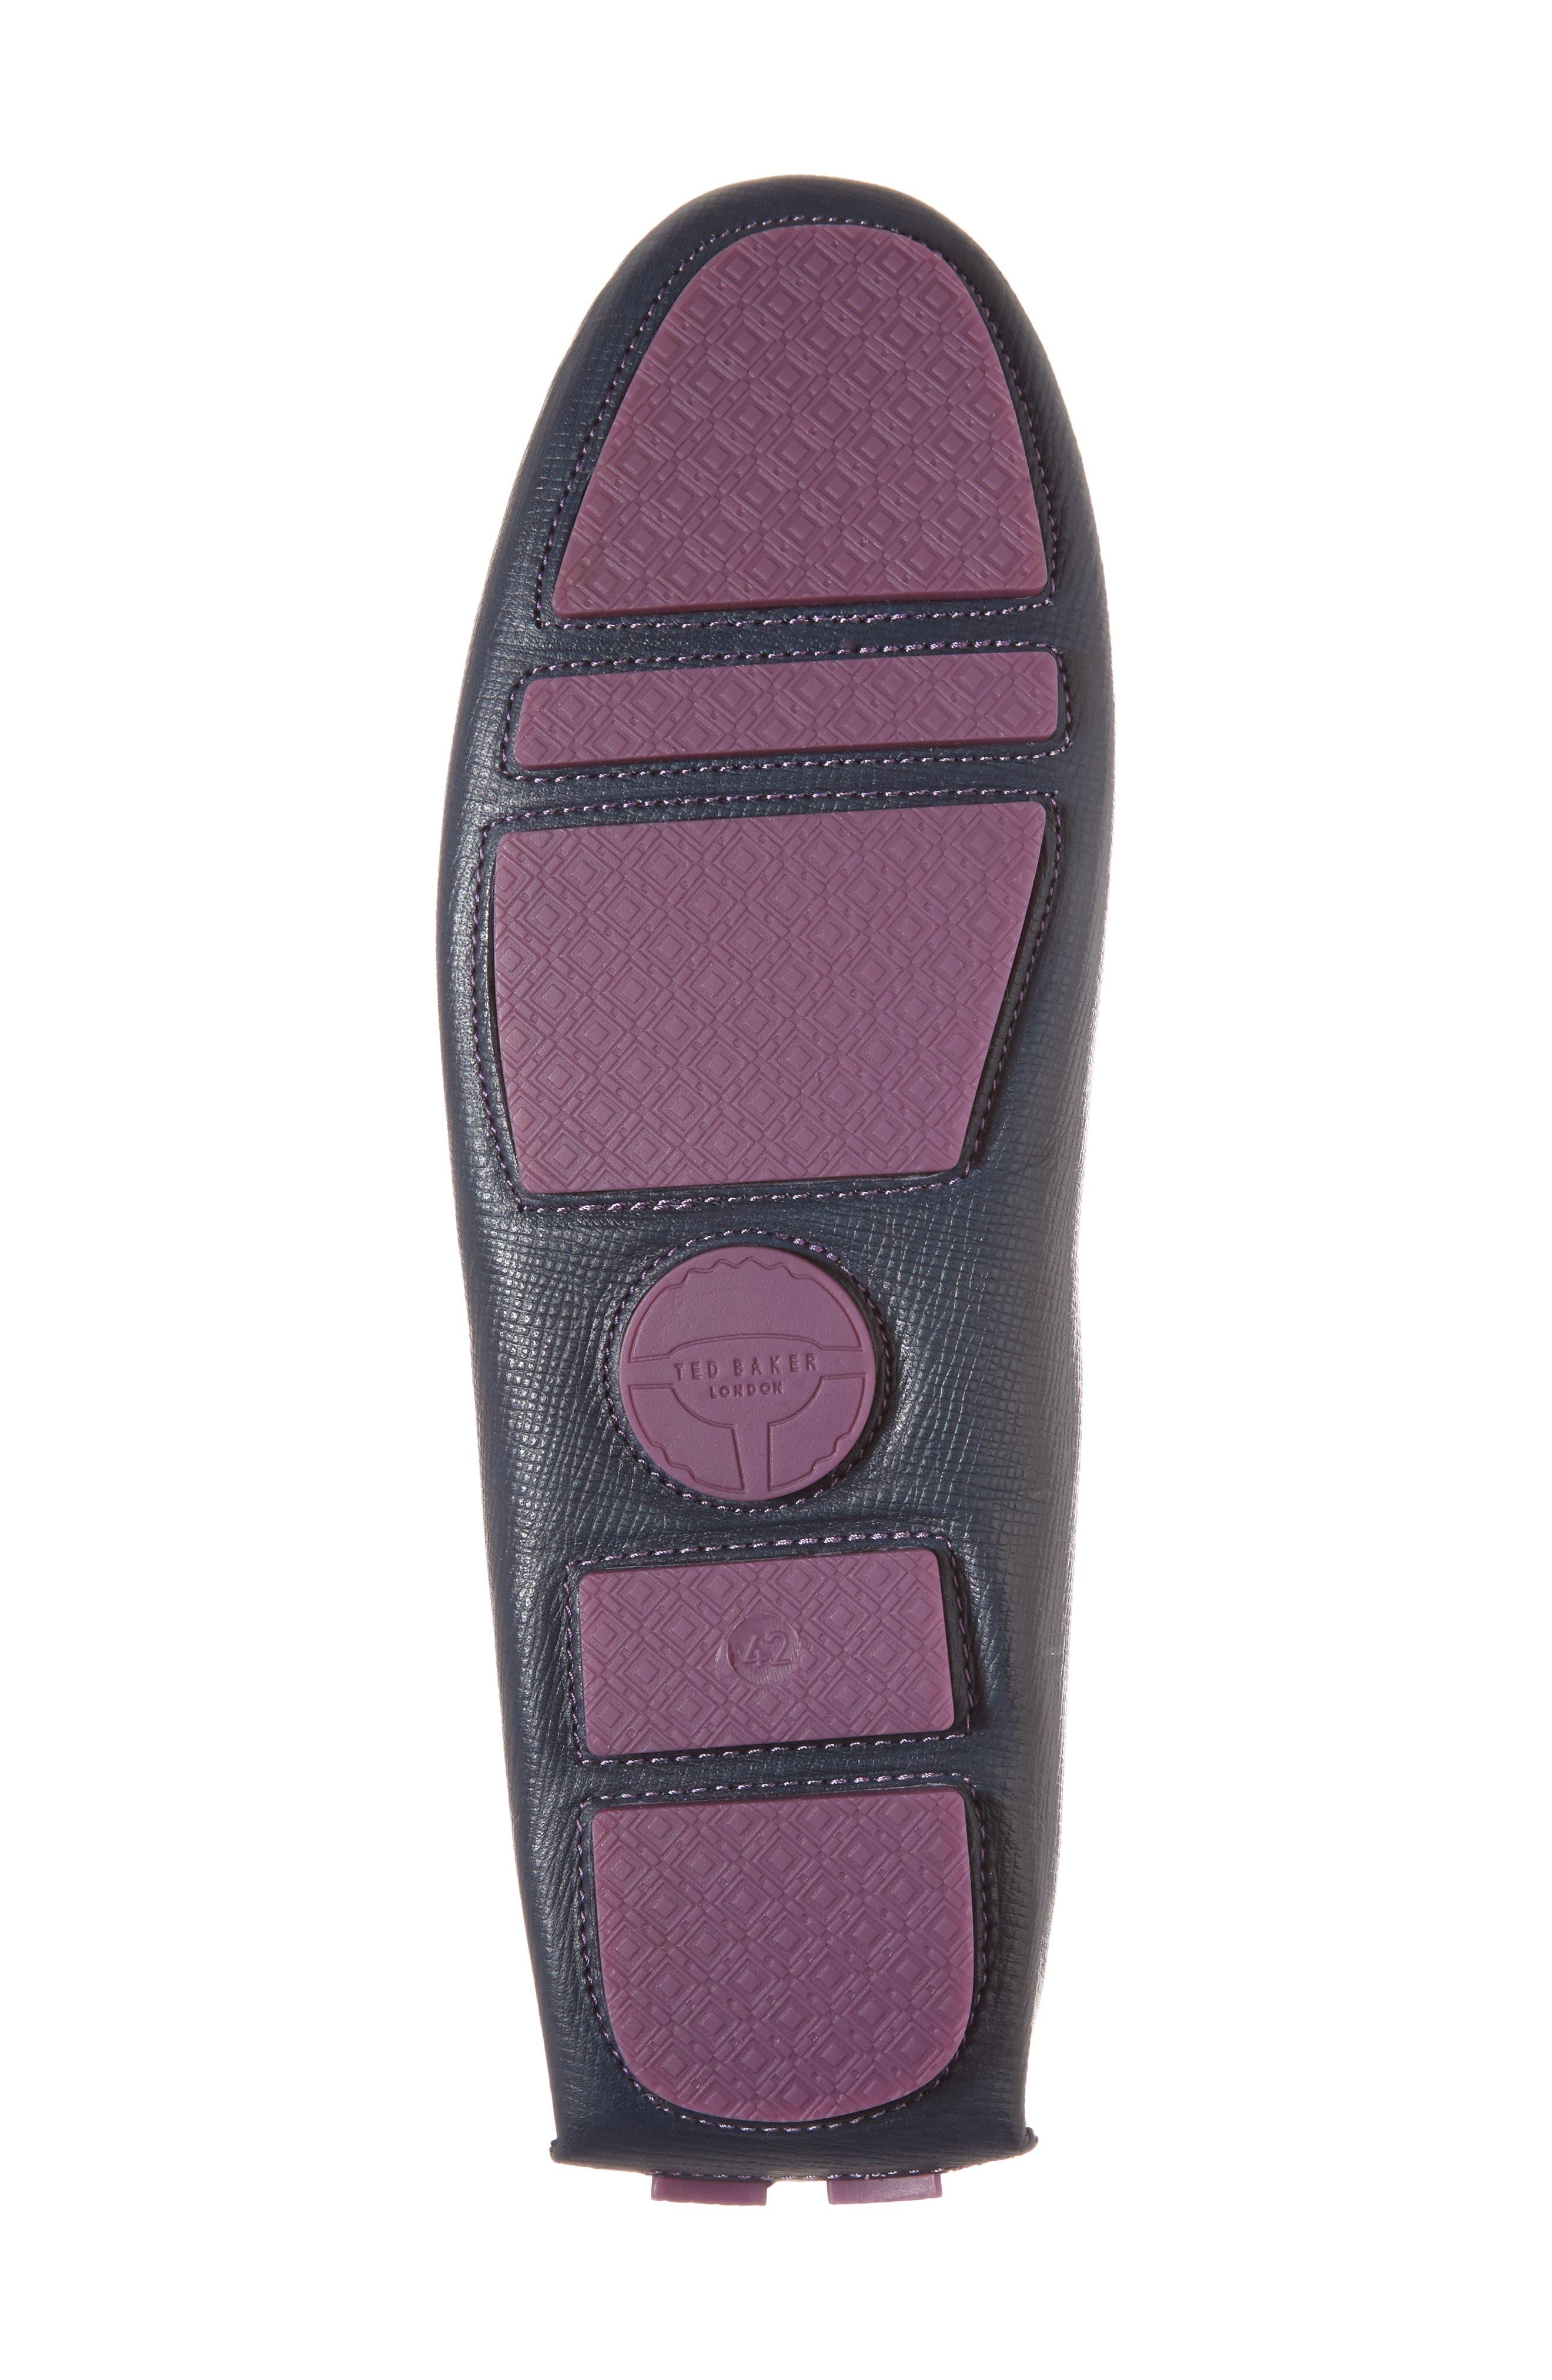 Urbonn Tasseled Driving Loafer,                             Alternate thumbnail 6, color,                             416